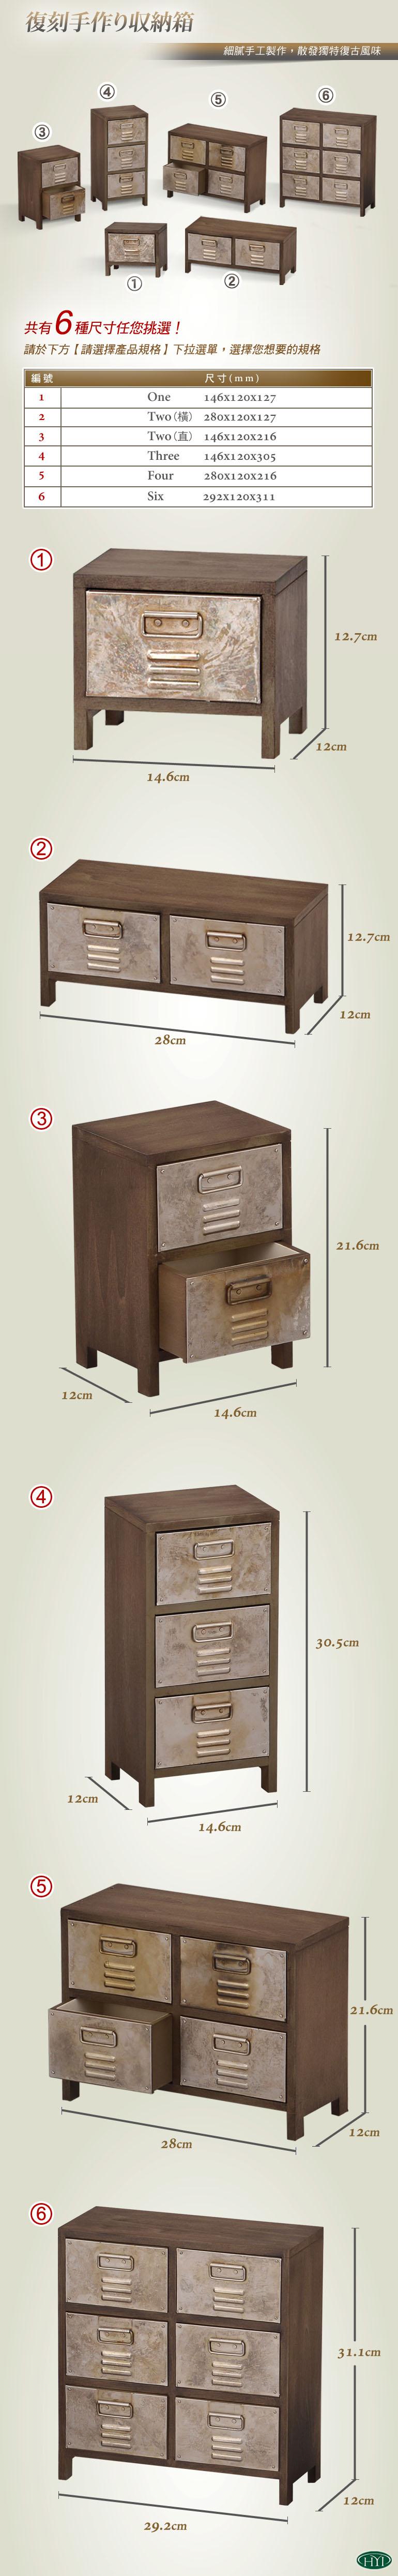 復刻手作收納箱、收納盒、收納抽屜,仿古、復古